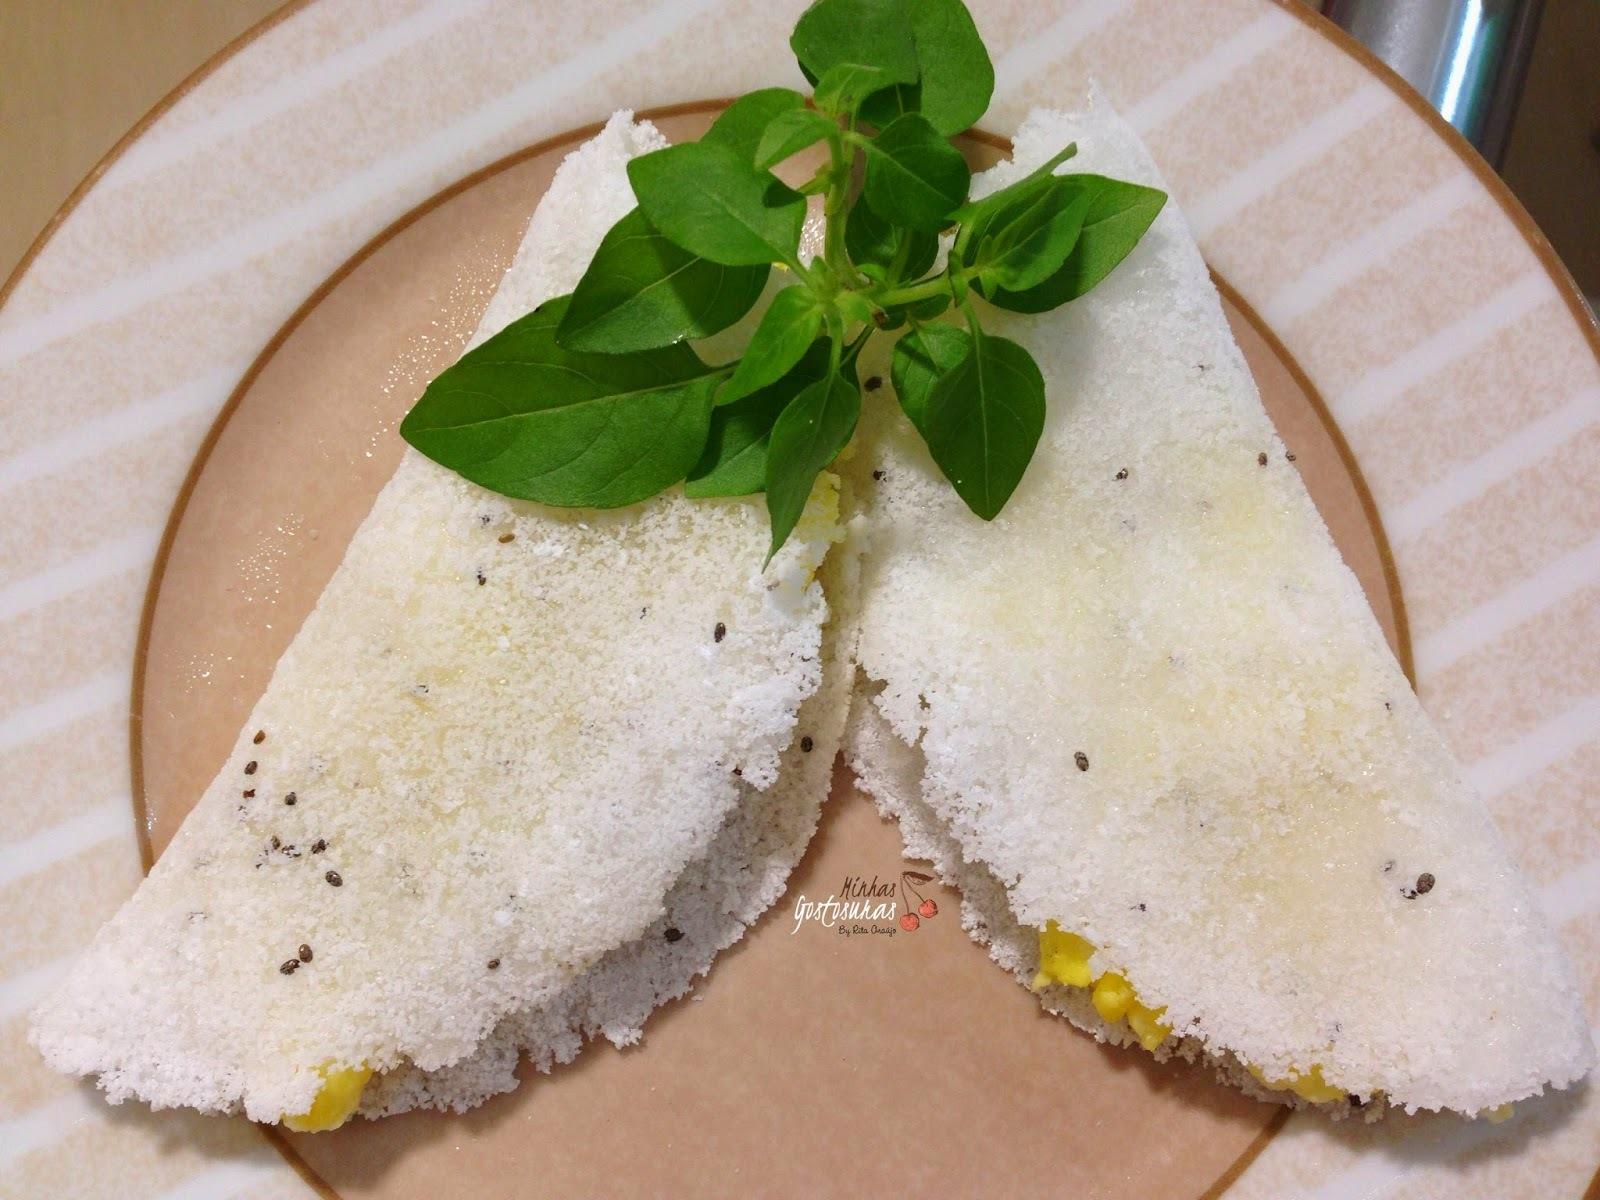 Tapioca saudável: para emagrecer com sabor